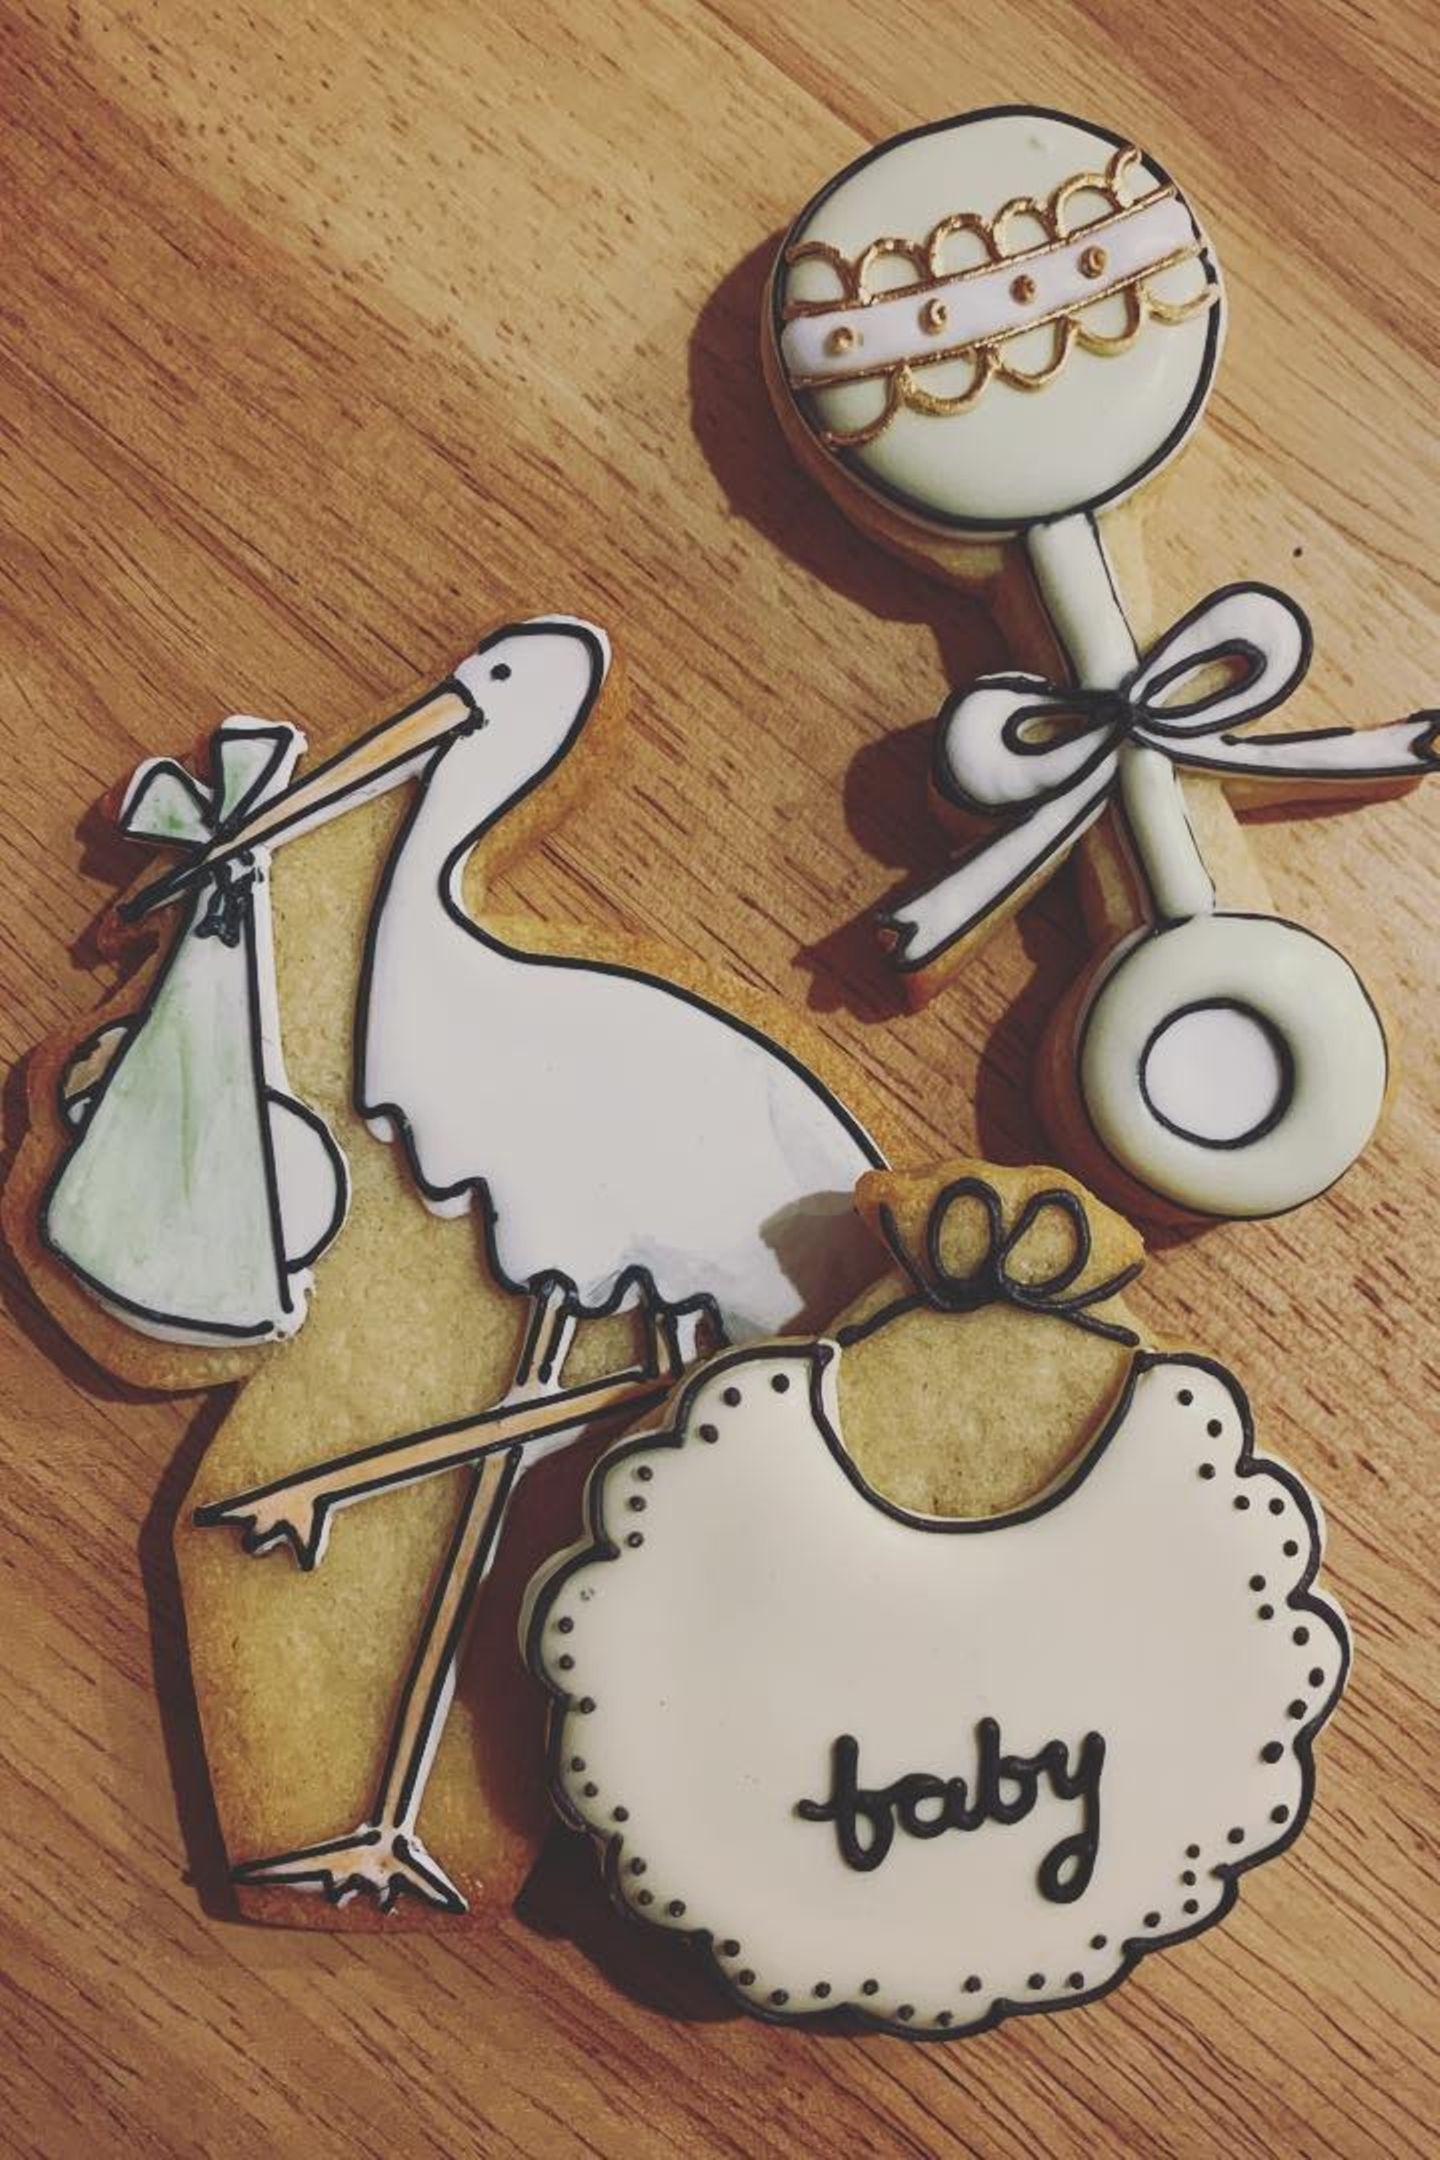 """Ob Jean-Georges Vongerichten unter anderem diese niedlichen Kekse kreiert hat? Daniel Martin veröffentlicht auf Instagram ein Foto der süßen Köstlichkeiten. Dazu schreibt der Make-up-Artist """"So ein unglaublicher Tag um Babylove zu feiern."""""""